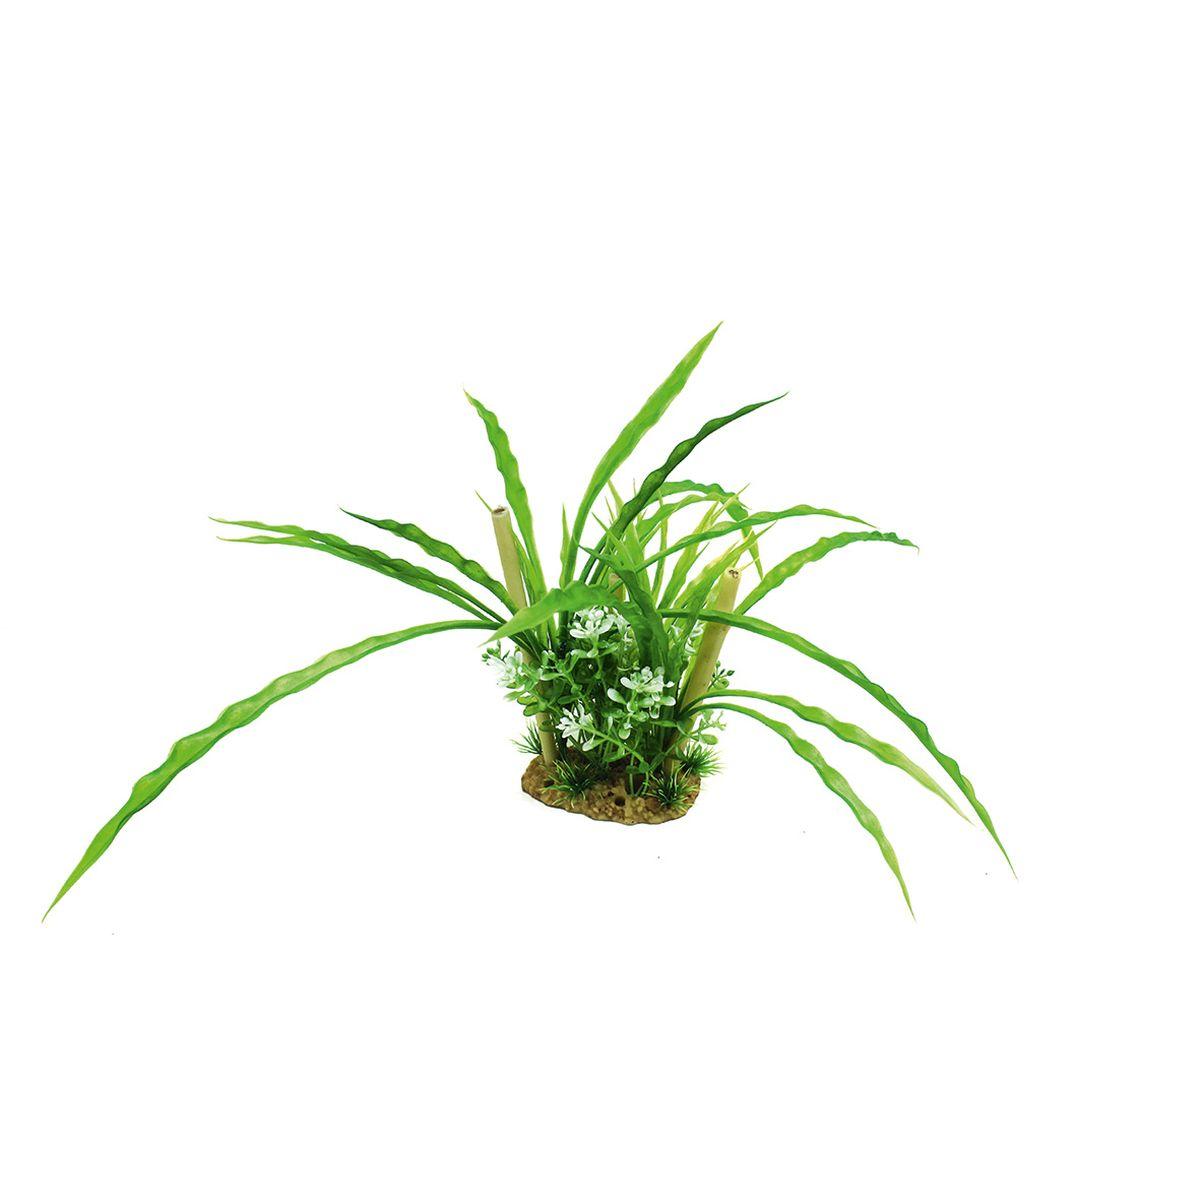 Композиция из растений для аквариума ArtUniq Криптокорина с бамбуком, высота 20 смART-1160507Композиция из растений для аквариума ArtUniq Криптокорина с бамбуком, высота 20 см